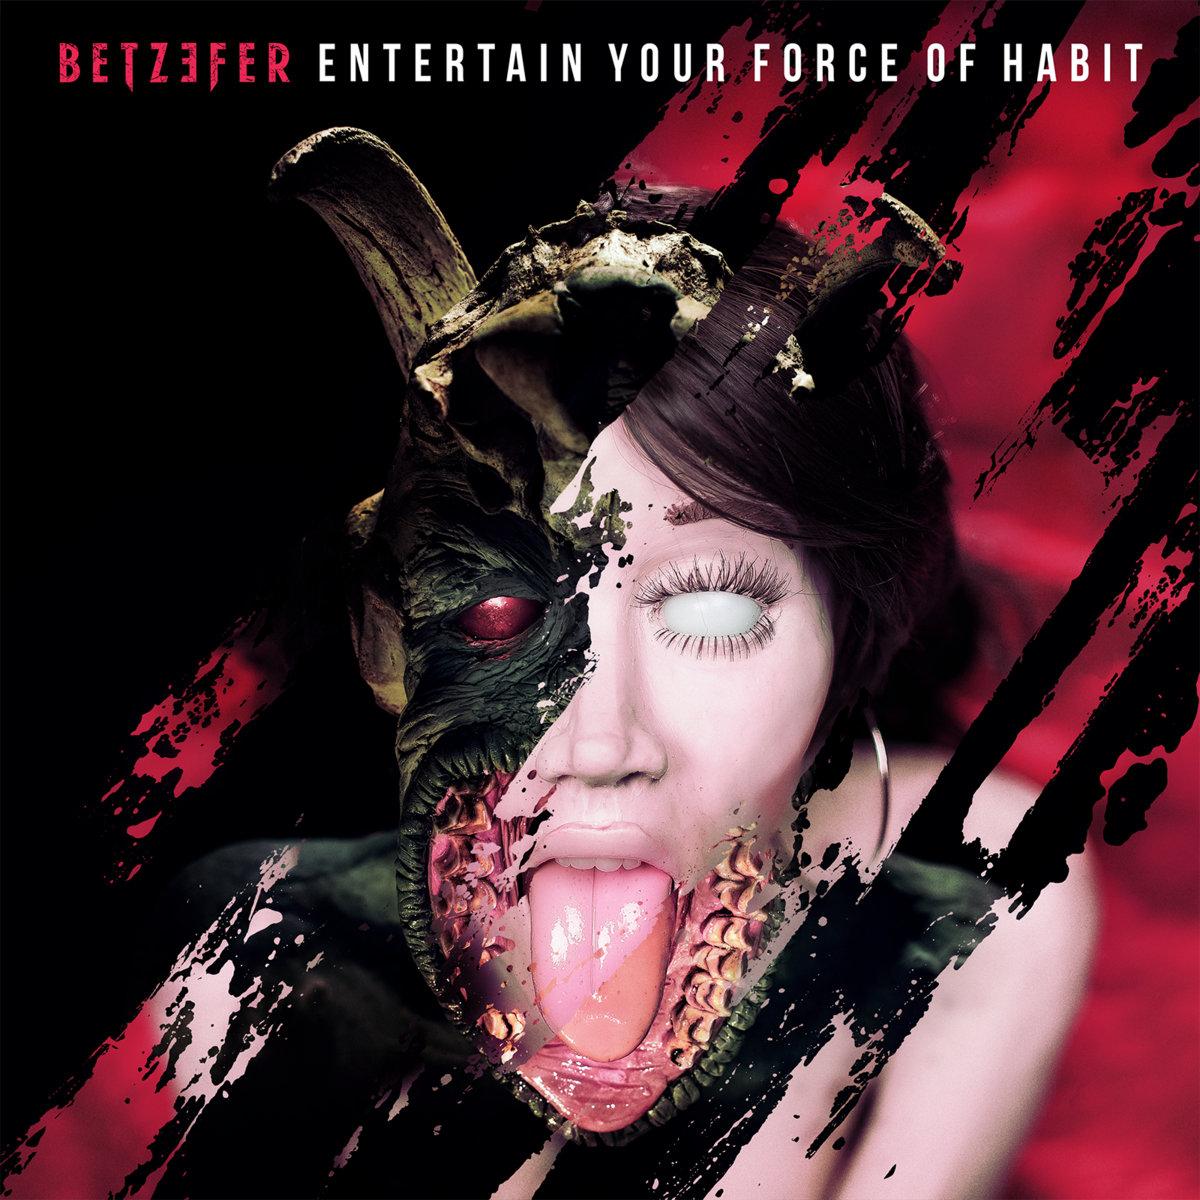 ת×צ×ת ת×××× ×¢××ר âªbetzefer - entertain your force of habitâ¬â